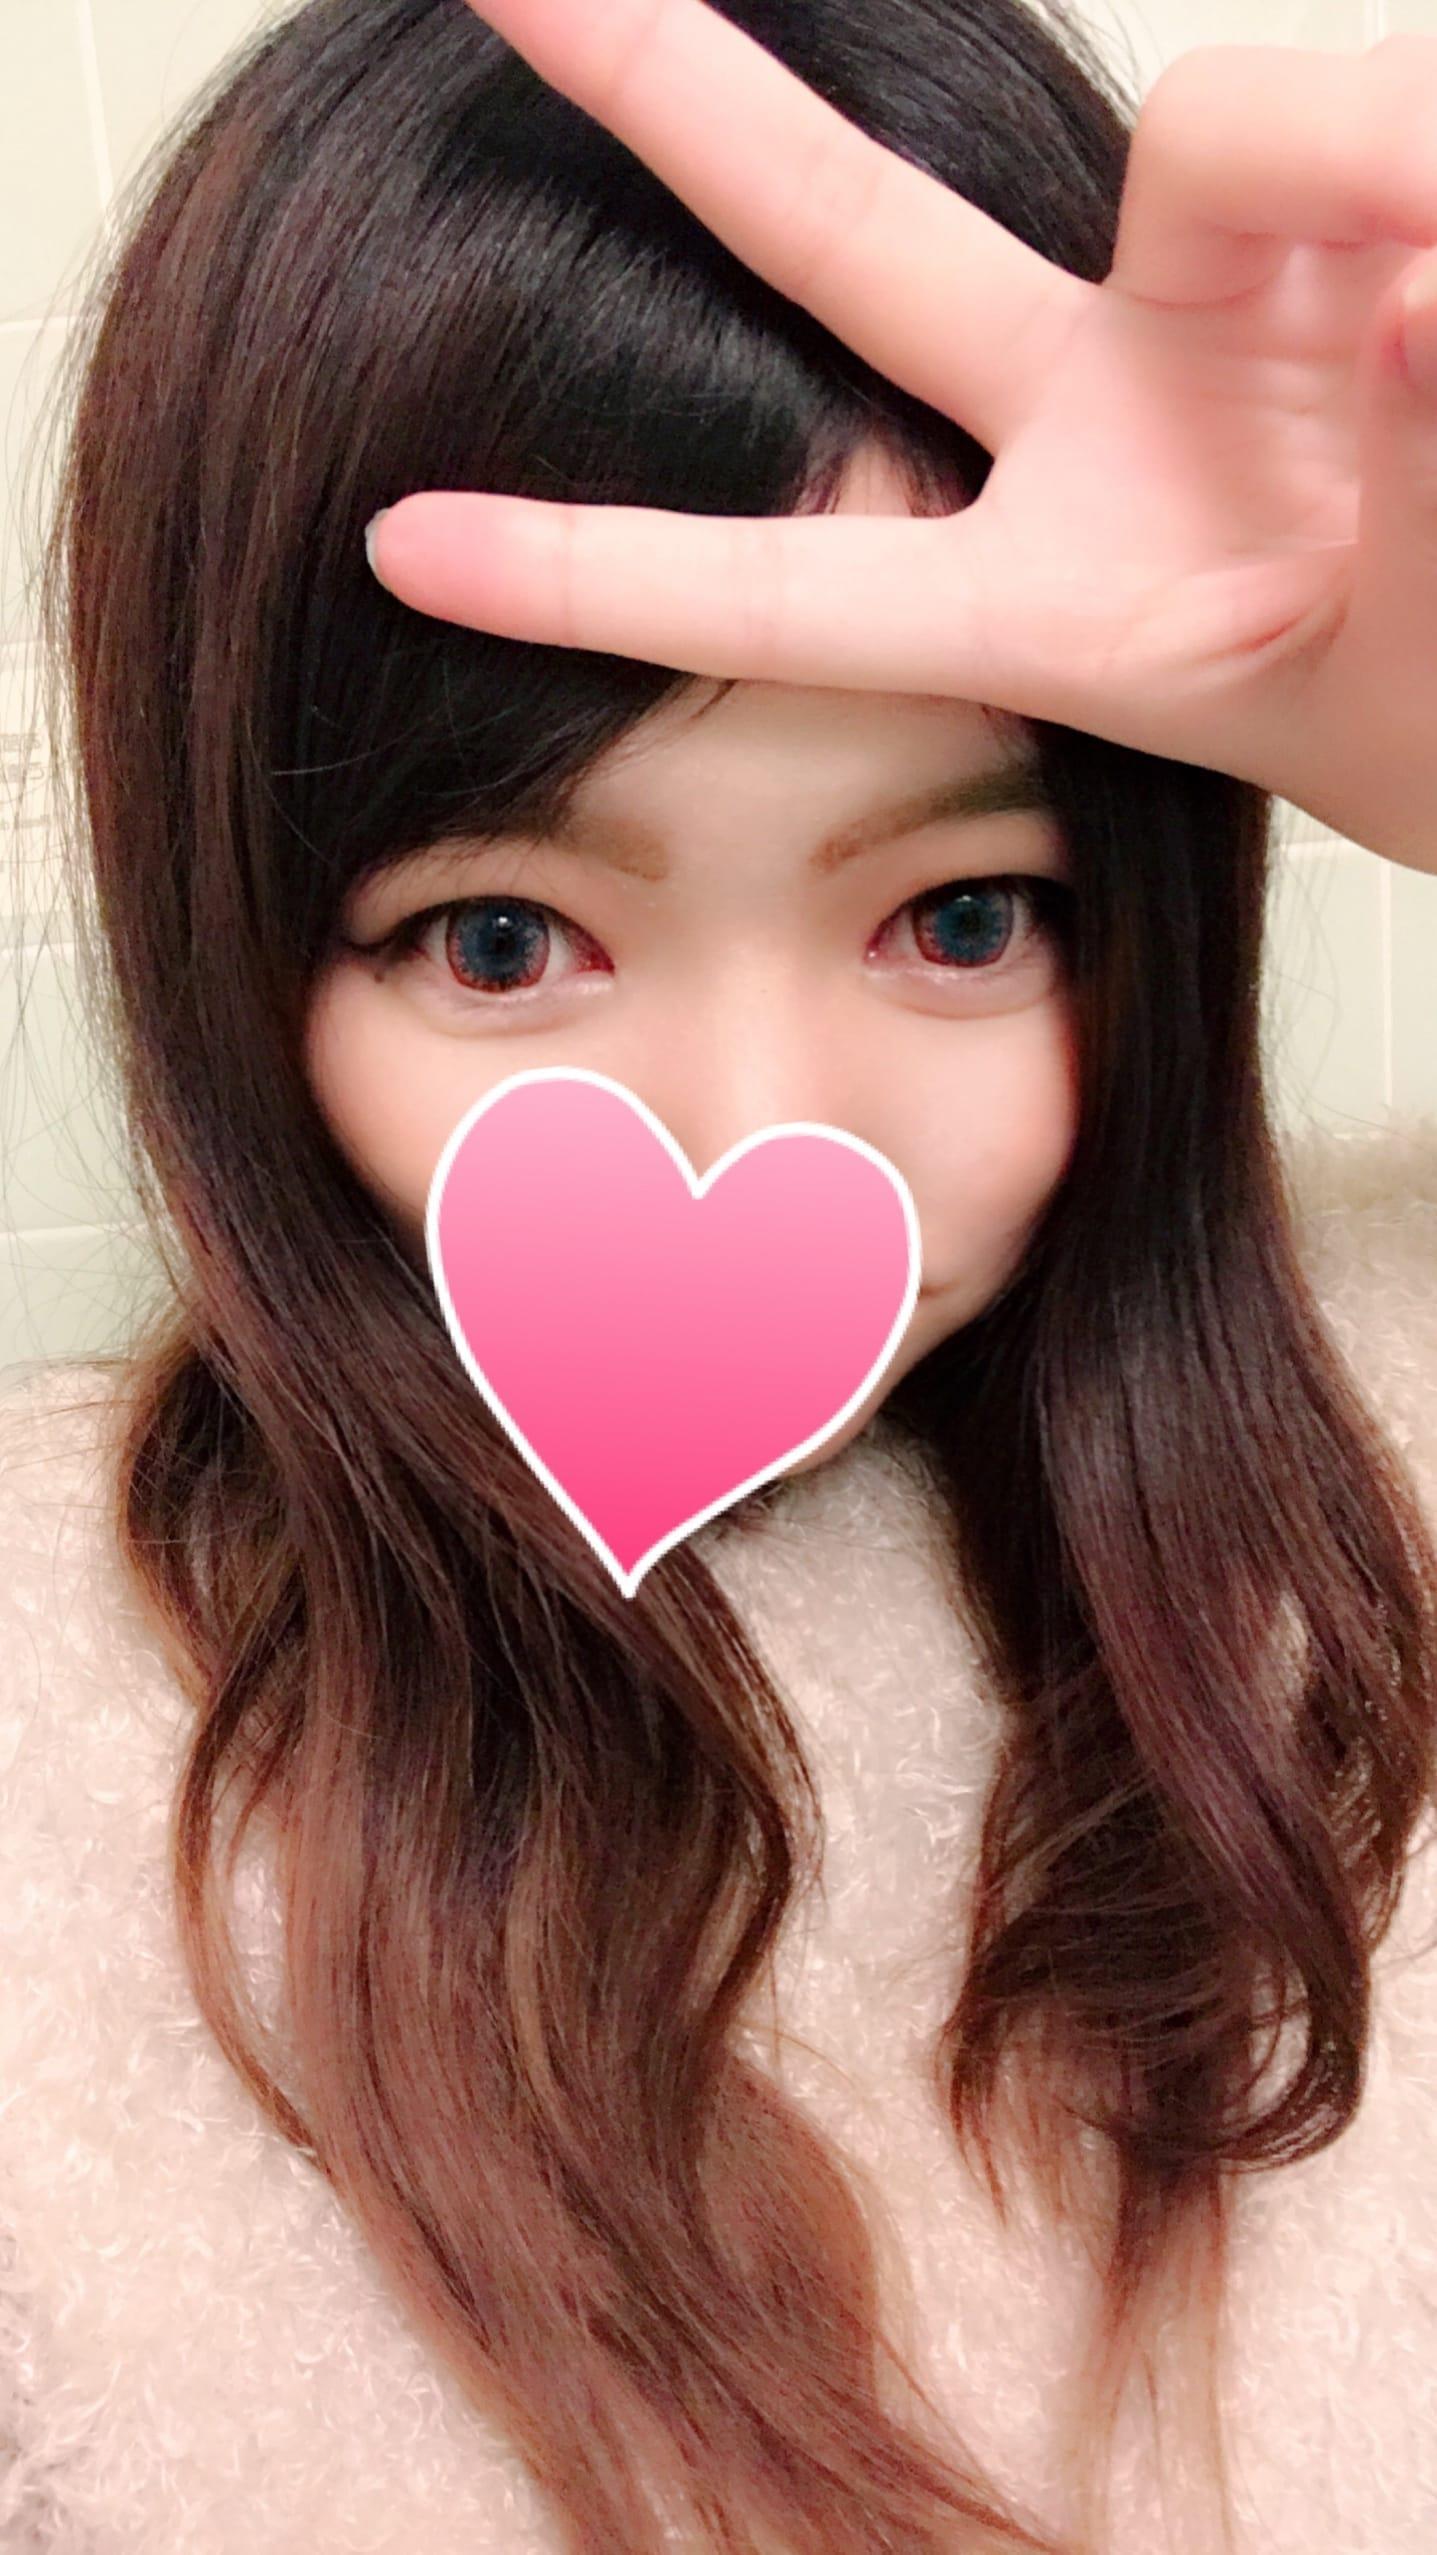 るか「お礼♪」02/21(水) 22:45 | るかの写メ・風俗動画